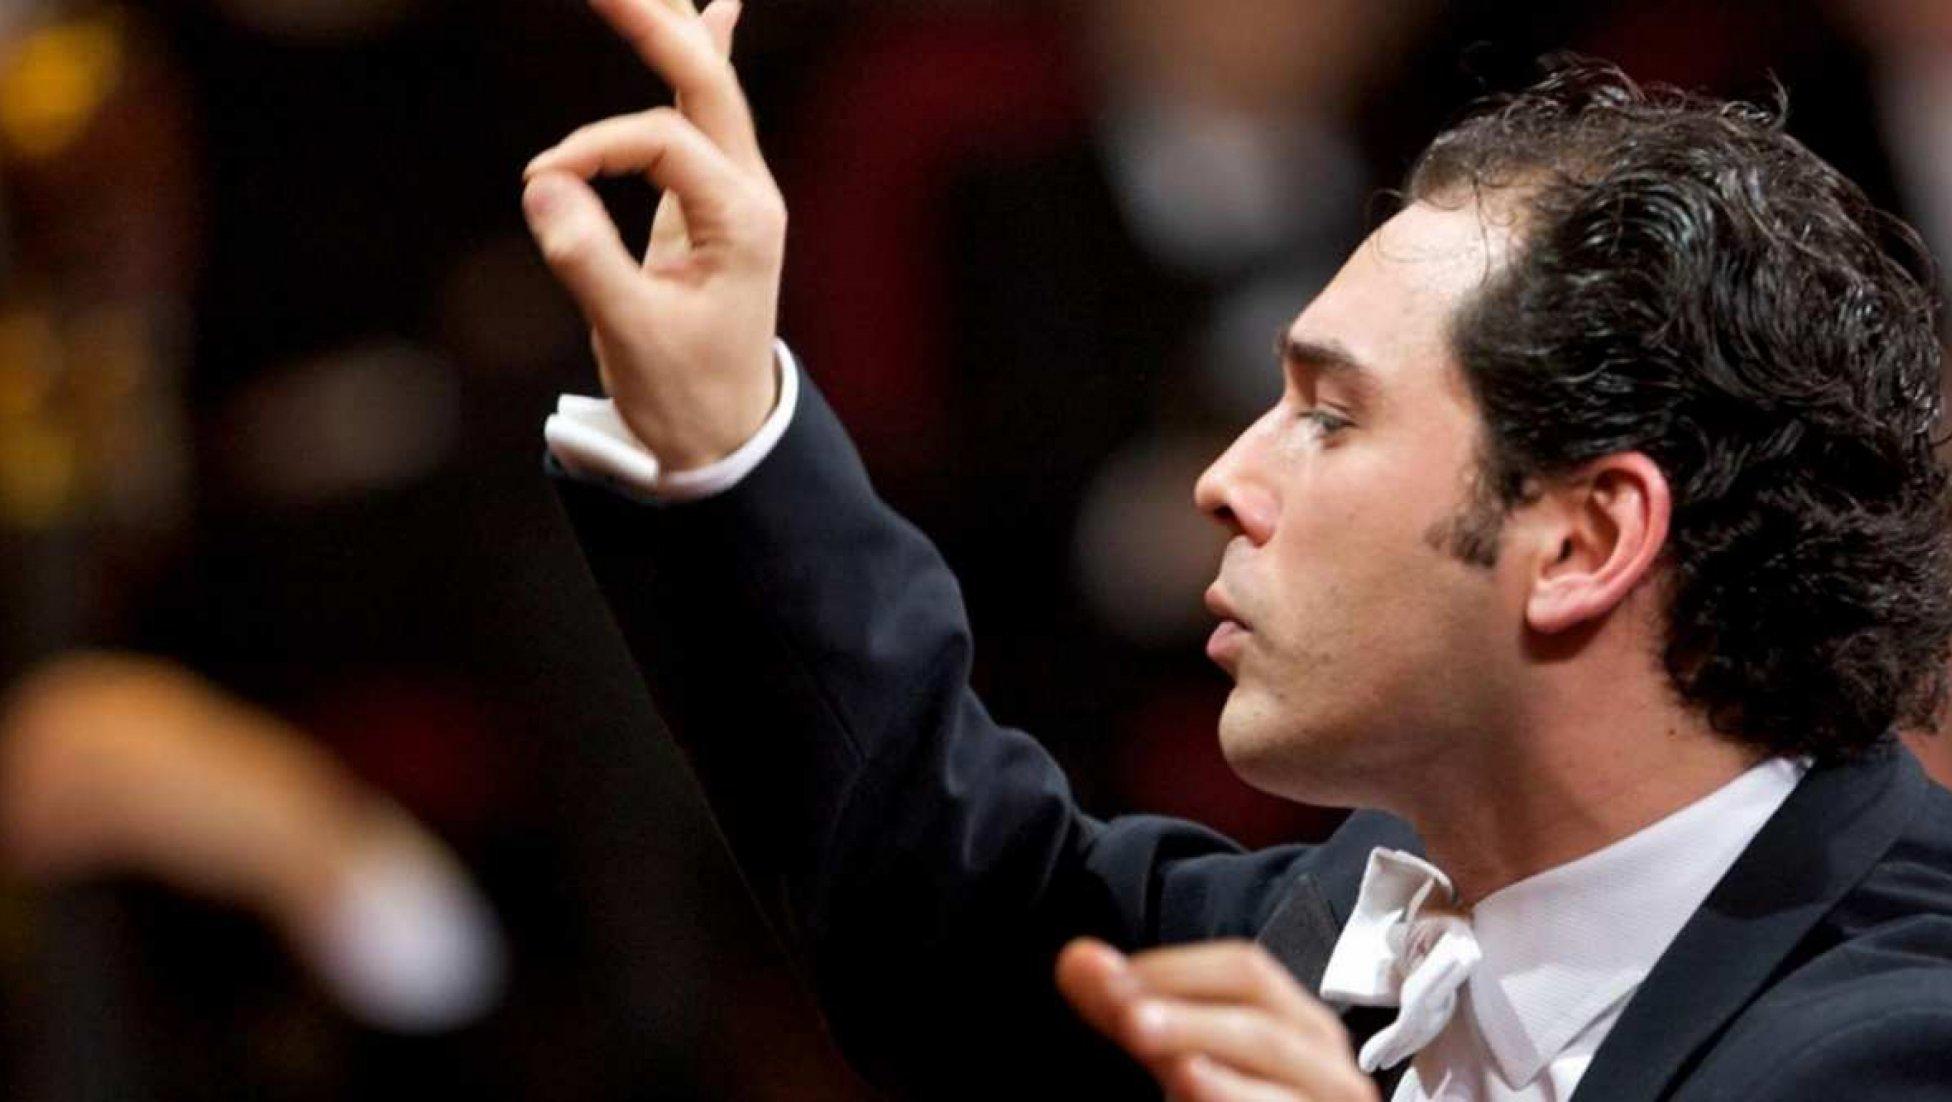 Dvořáks 'Uit de nieuwe wereld' door het Concertgebouworkest